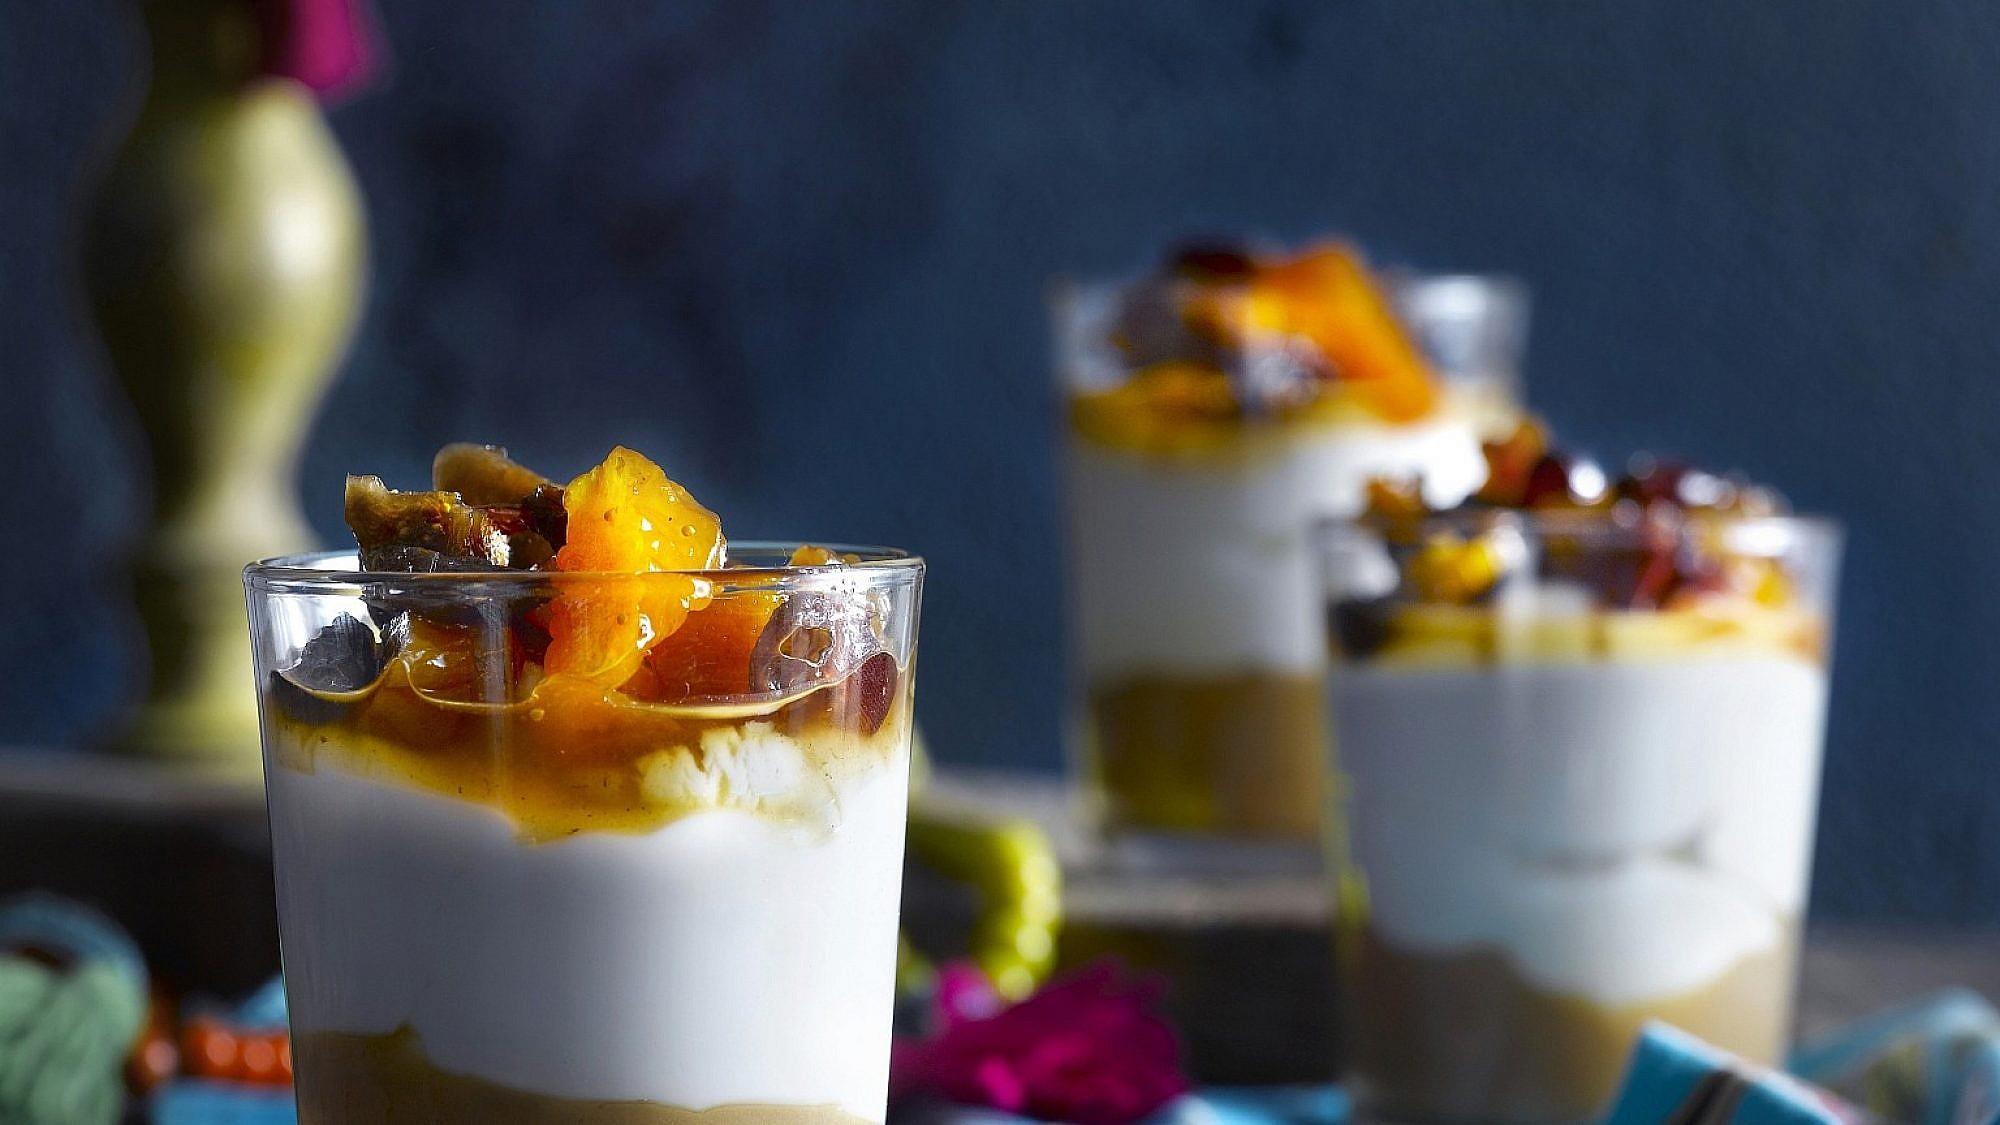 מלבי קוקוס ופירות מיובשים של מולי מגריסו ואריק דרחני. צילום: רונן מנגן. סטיילינג: דלית רוסו